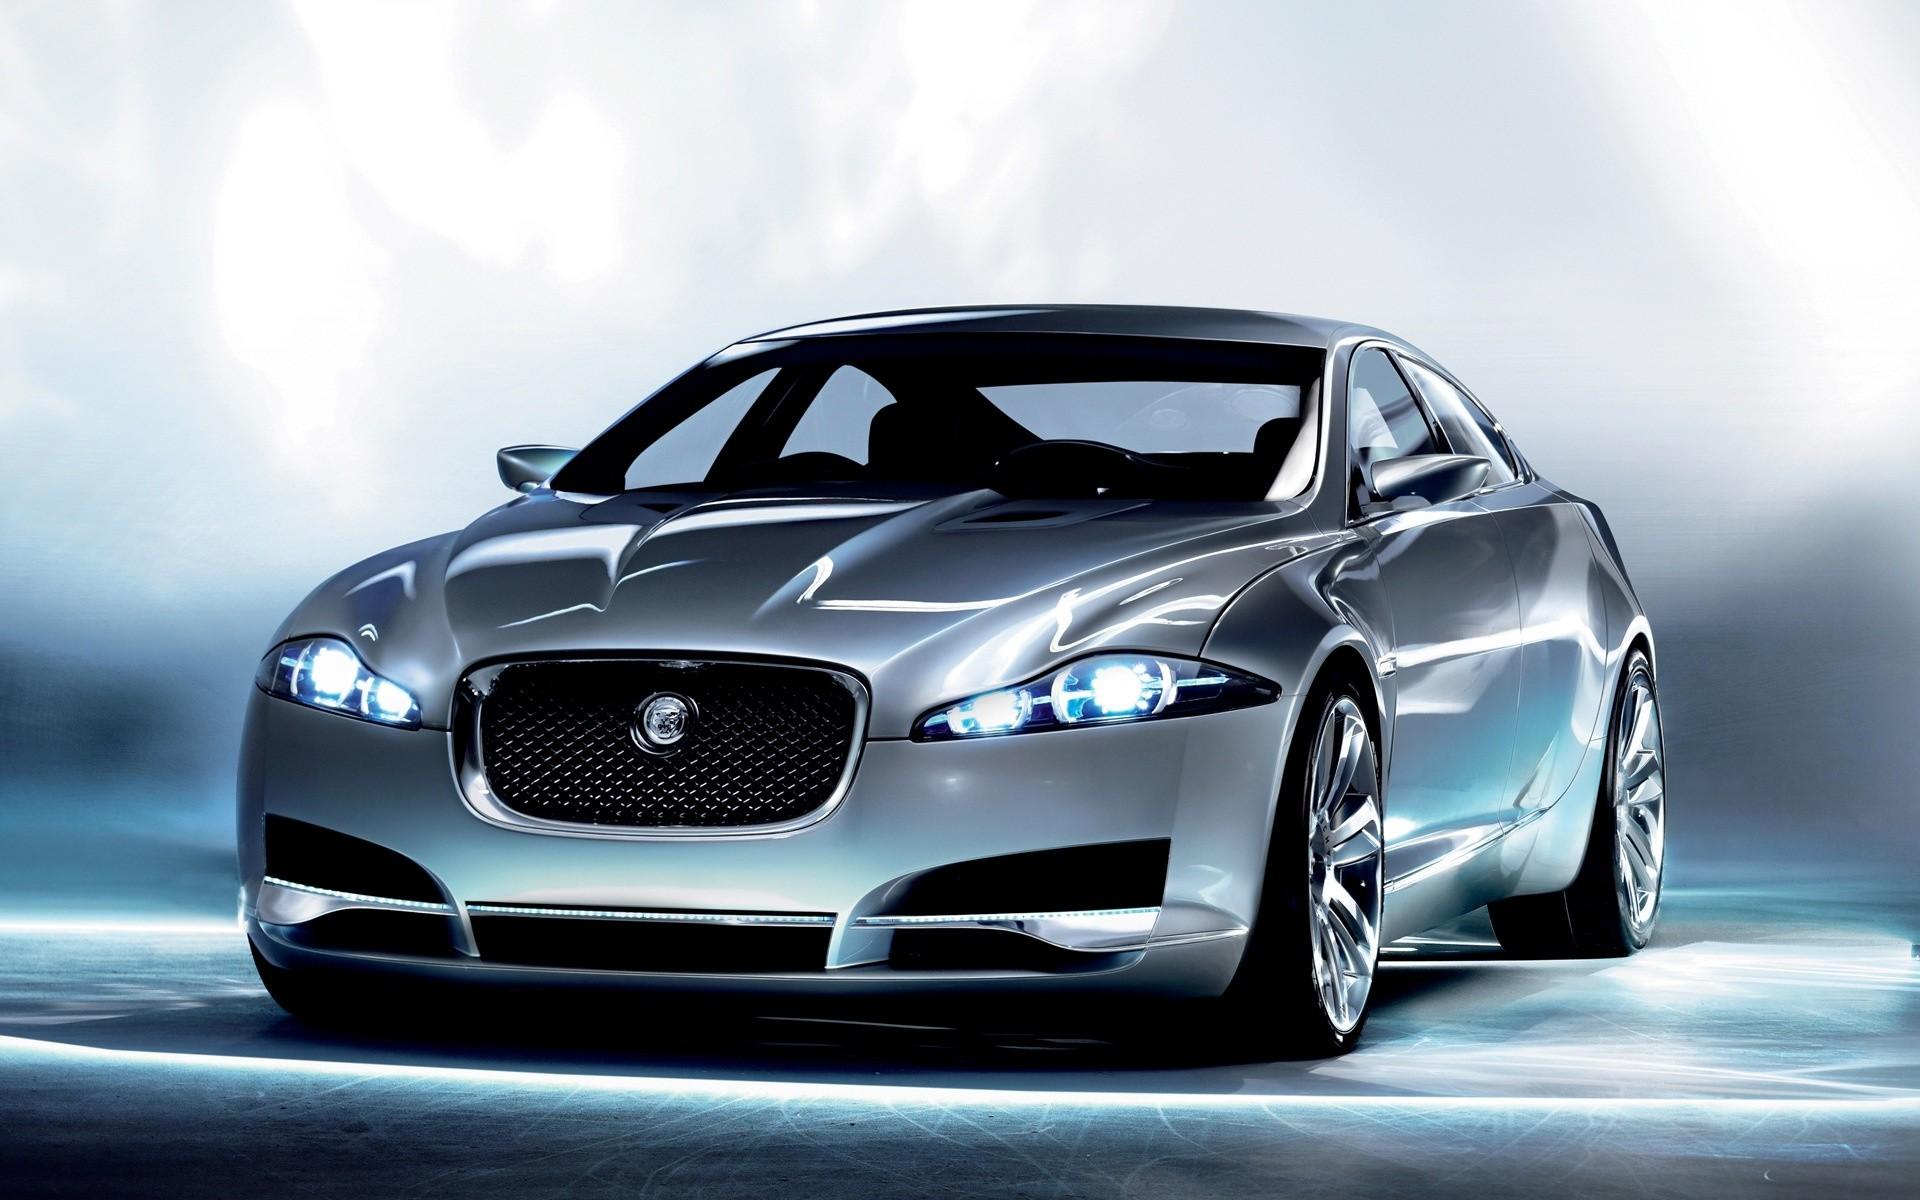 46 Jaguar Xf Wallpaper On Wallpapersafari